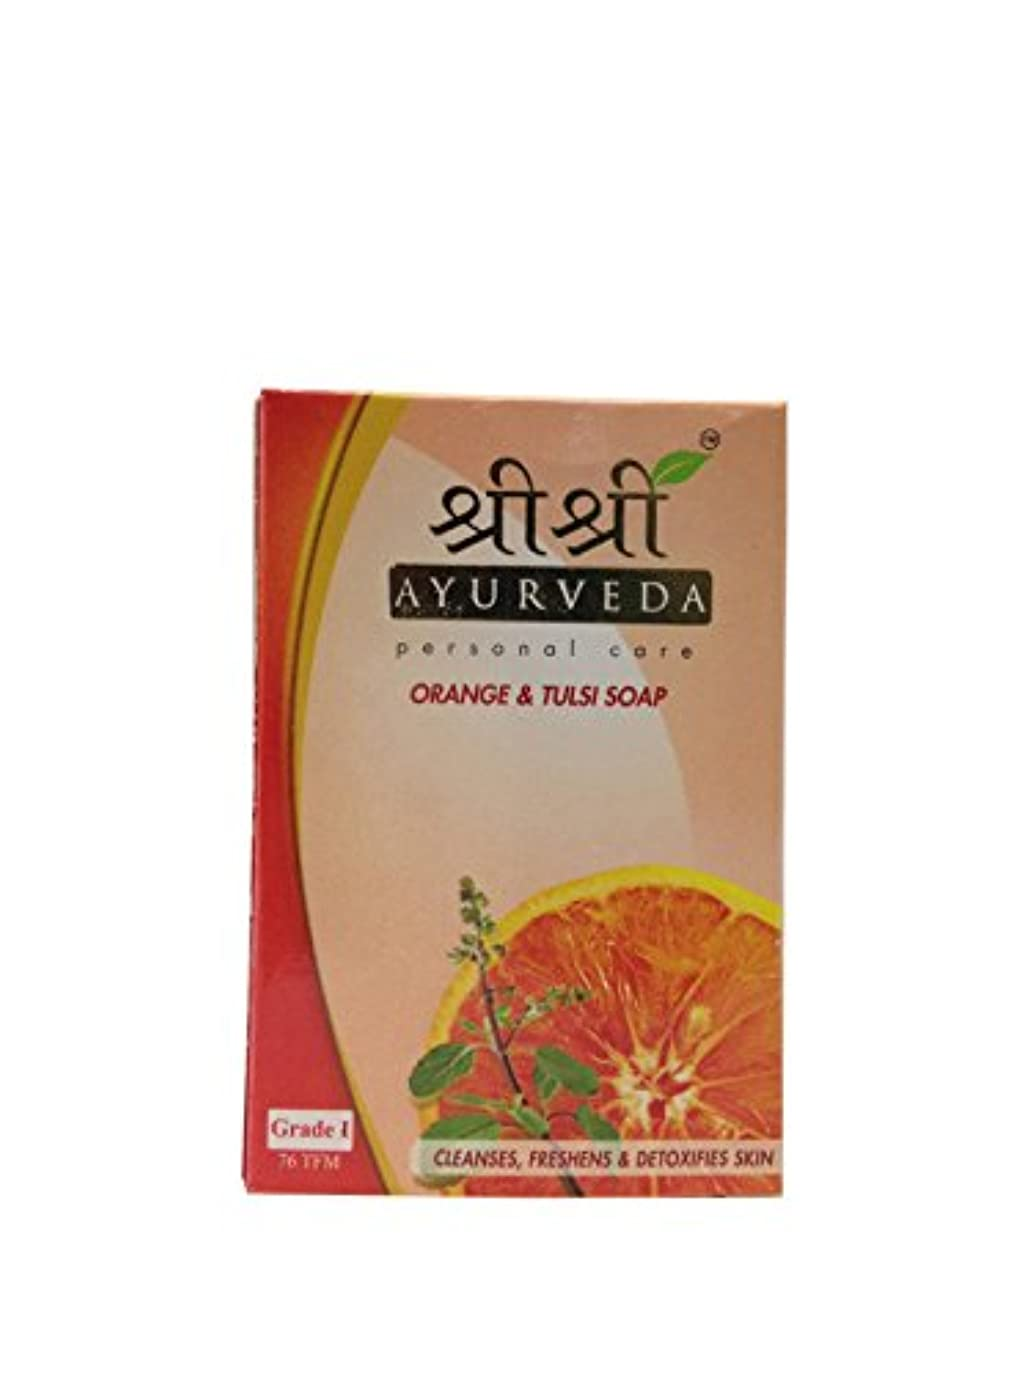 行列マルコポーロ平和的Sri Sri Ayurveda Orange & Tulsi Soap 100g…